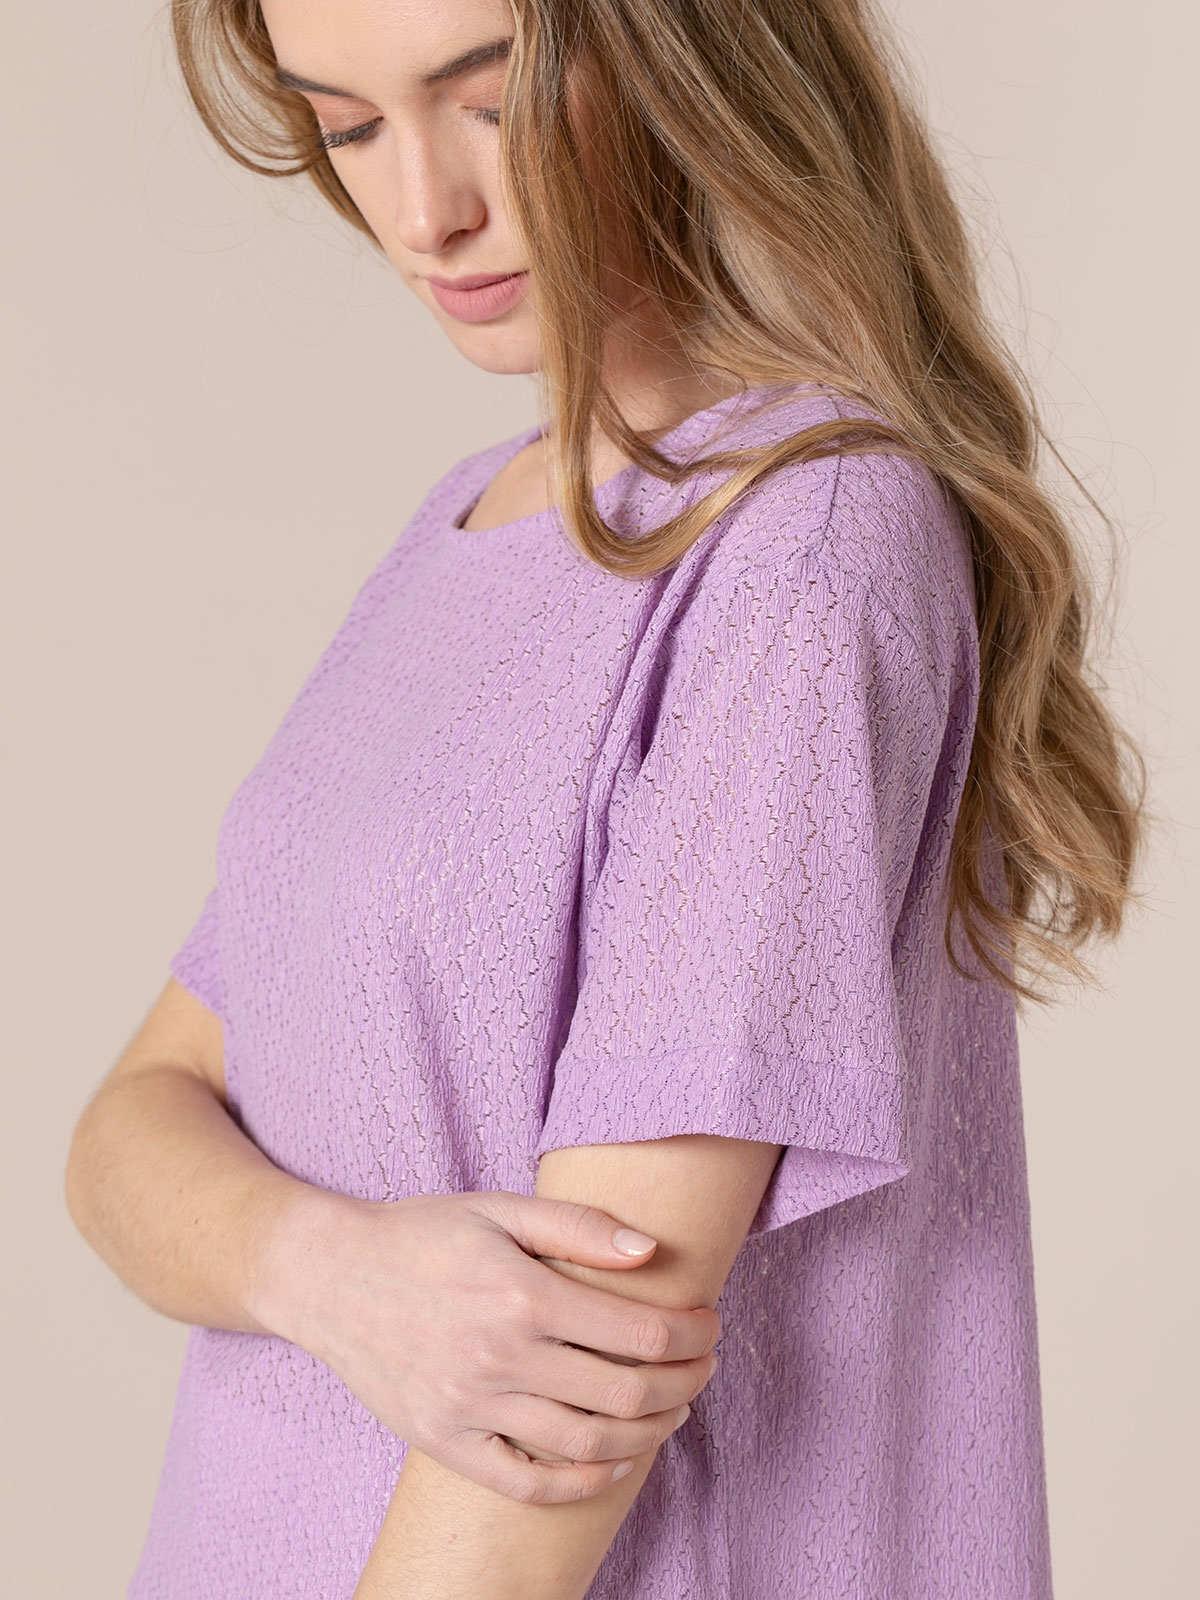 Camiseta mujer elástica macramé Malva